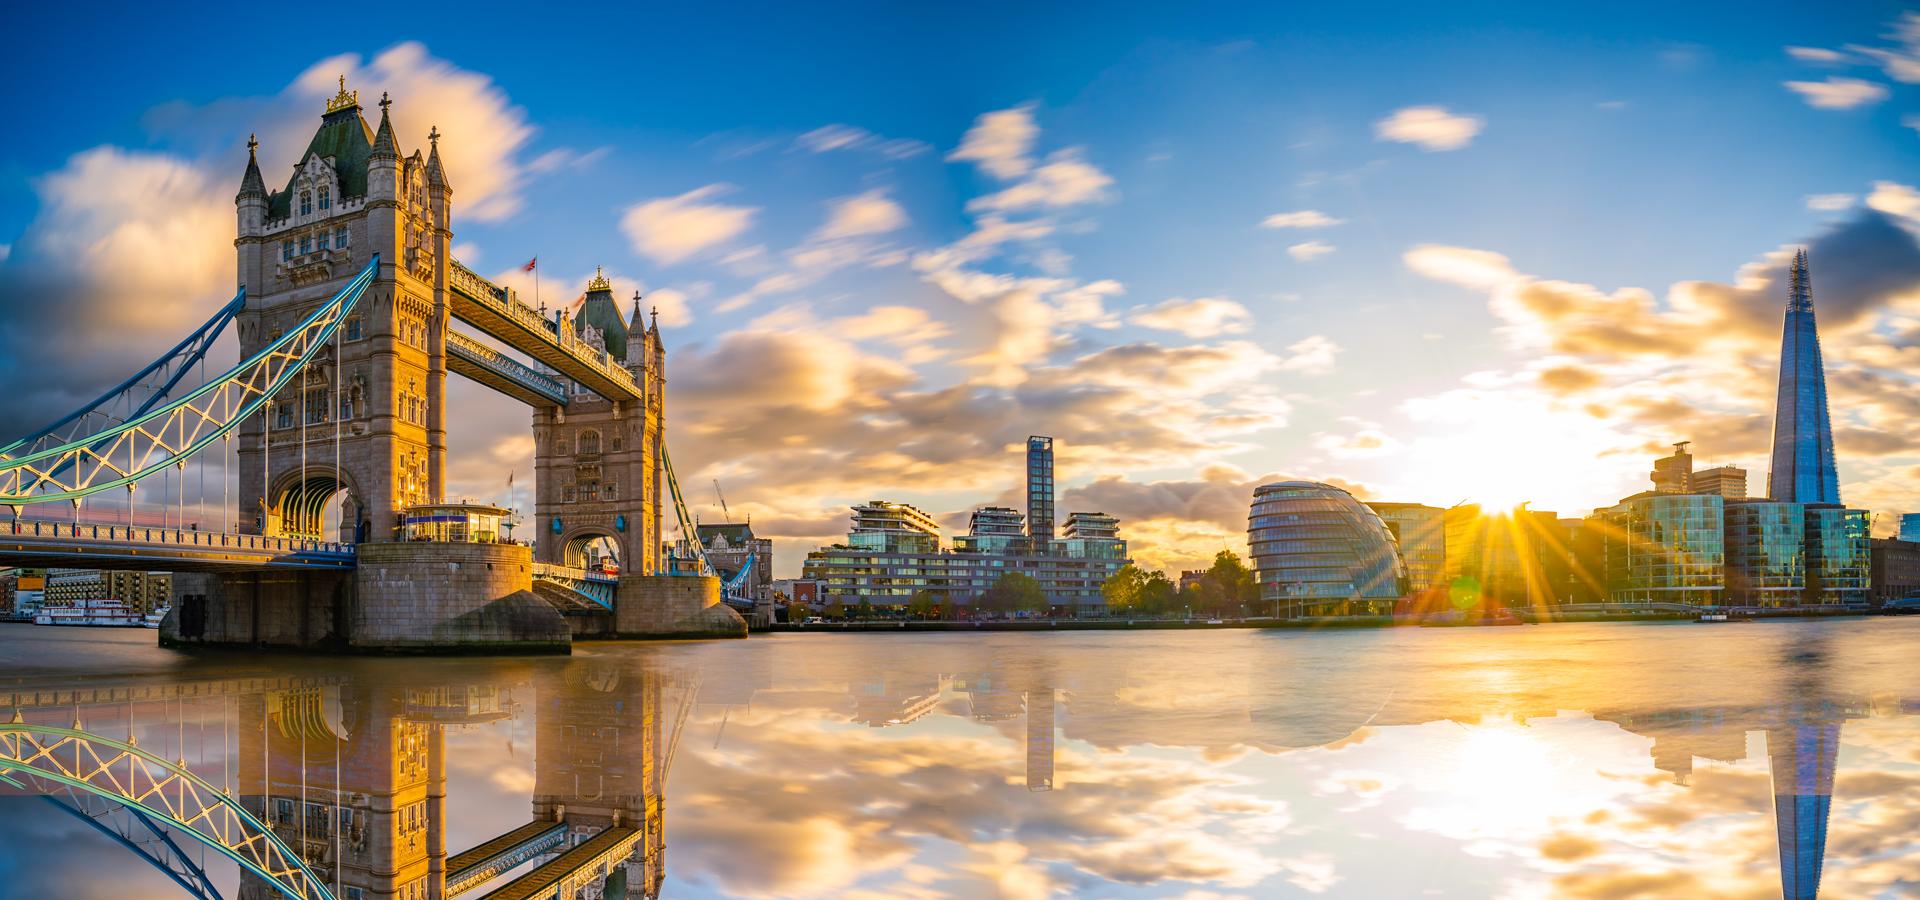 Peer-to-peer advisory in Bankside, London, England, Great Britain